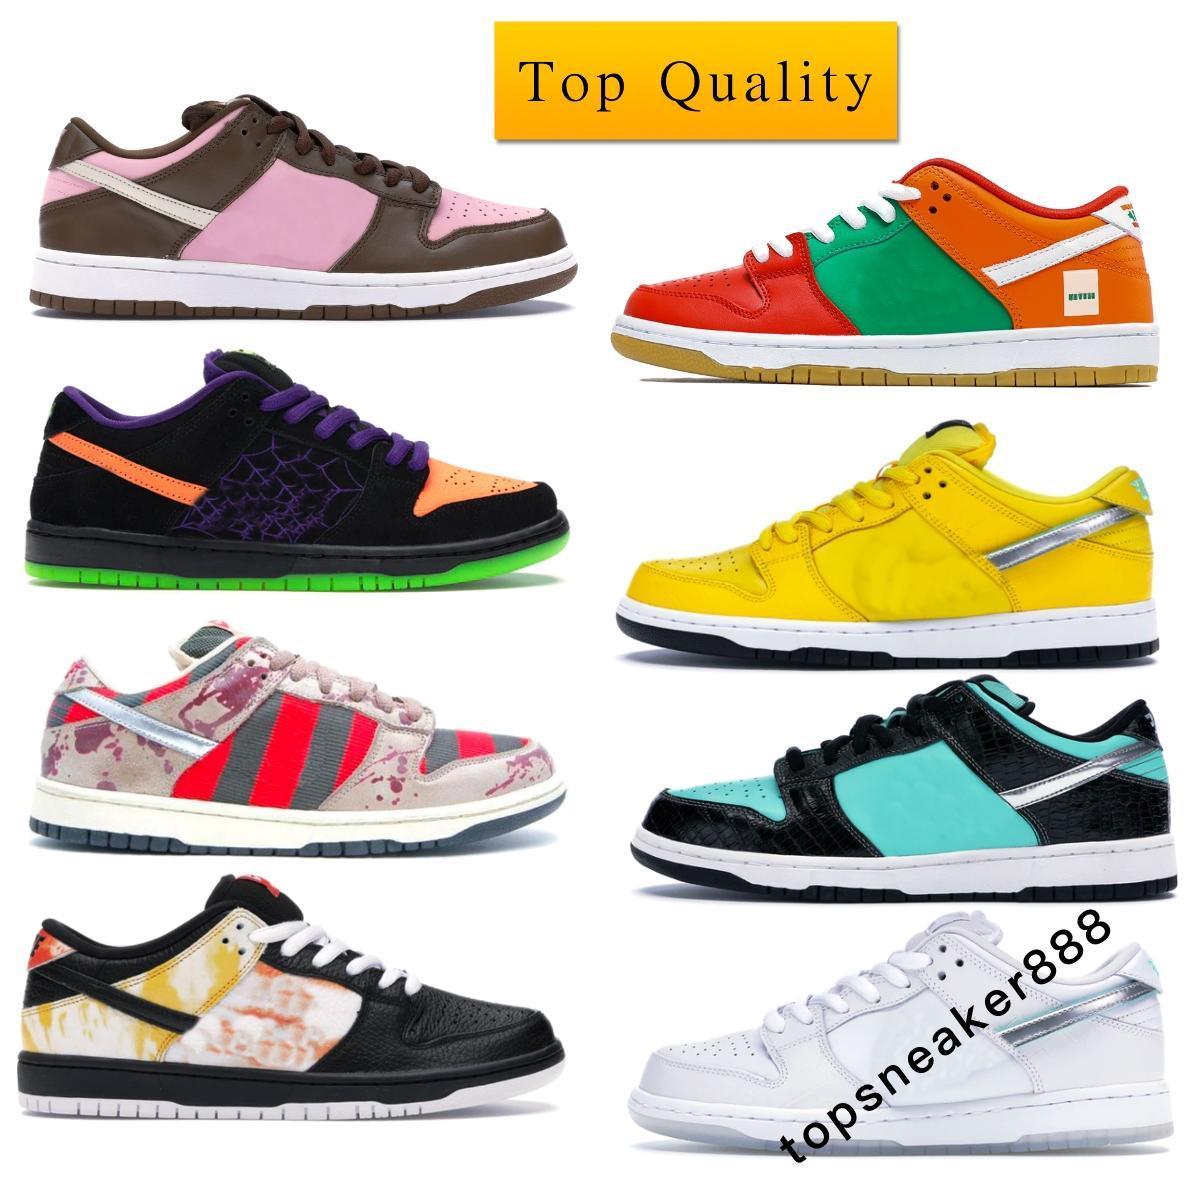 Top-Qualität 7 verursachende Schuhe Mann Sneaker Whit Black Canary-Diamant-Mode Spitze -Bis Frauen-Schuhe mit Kasten Größe 36 -45 2021